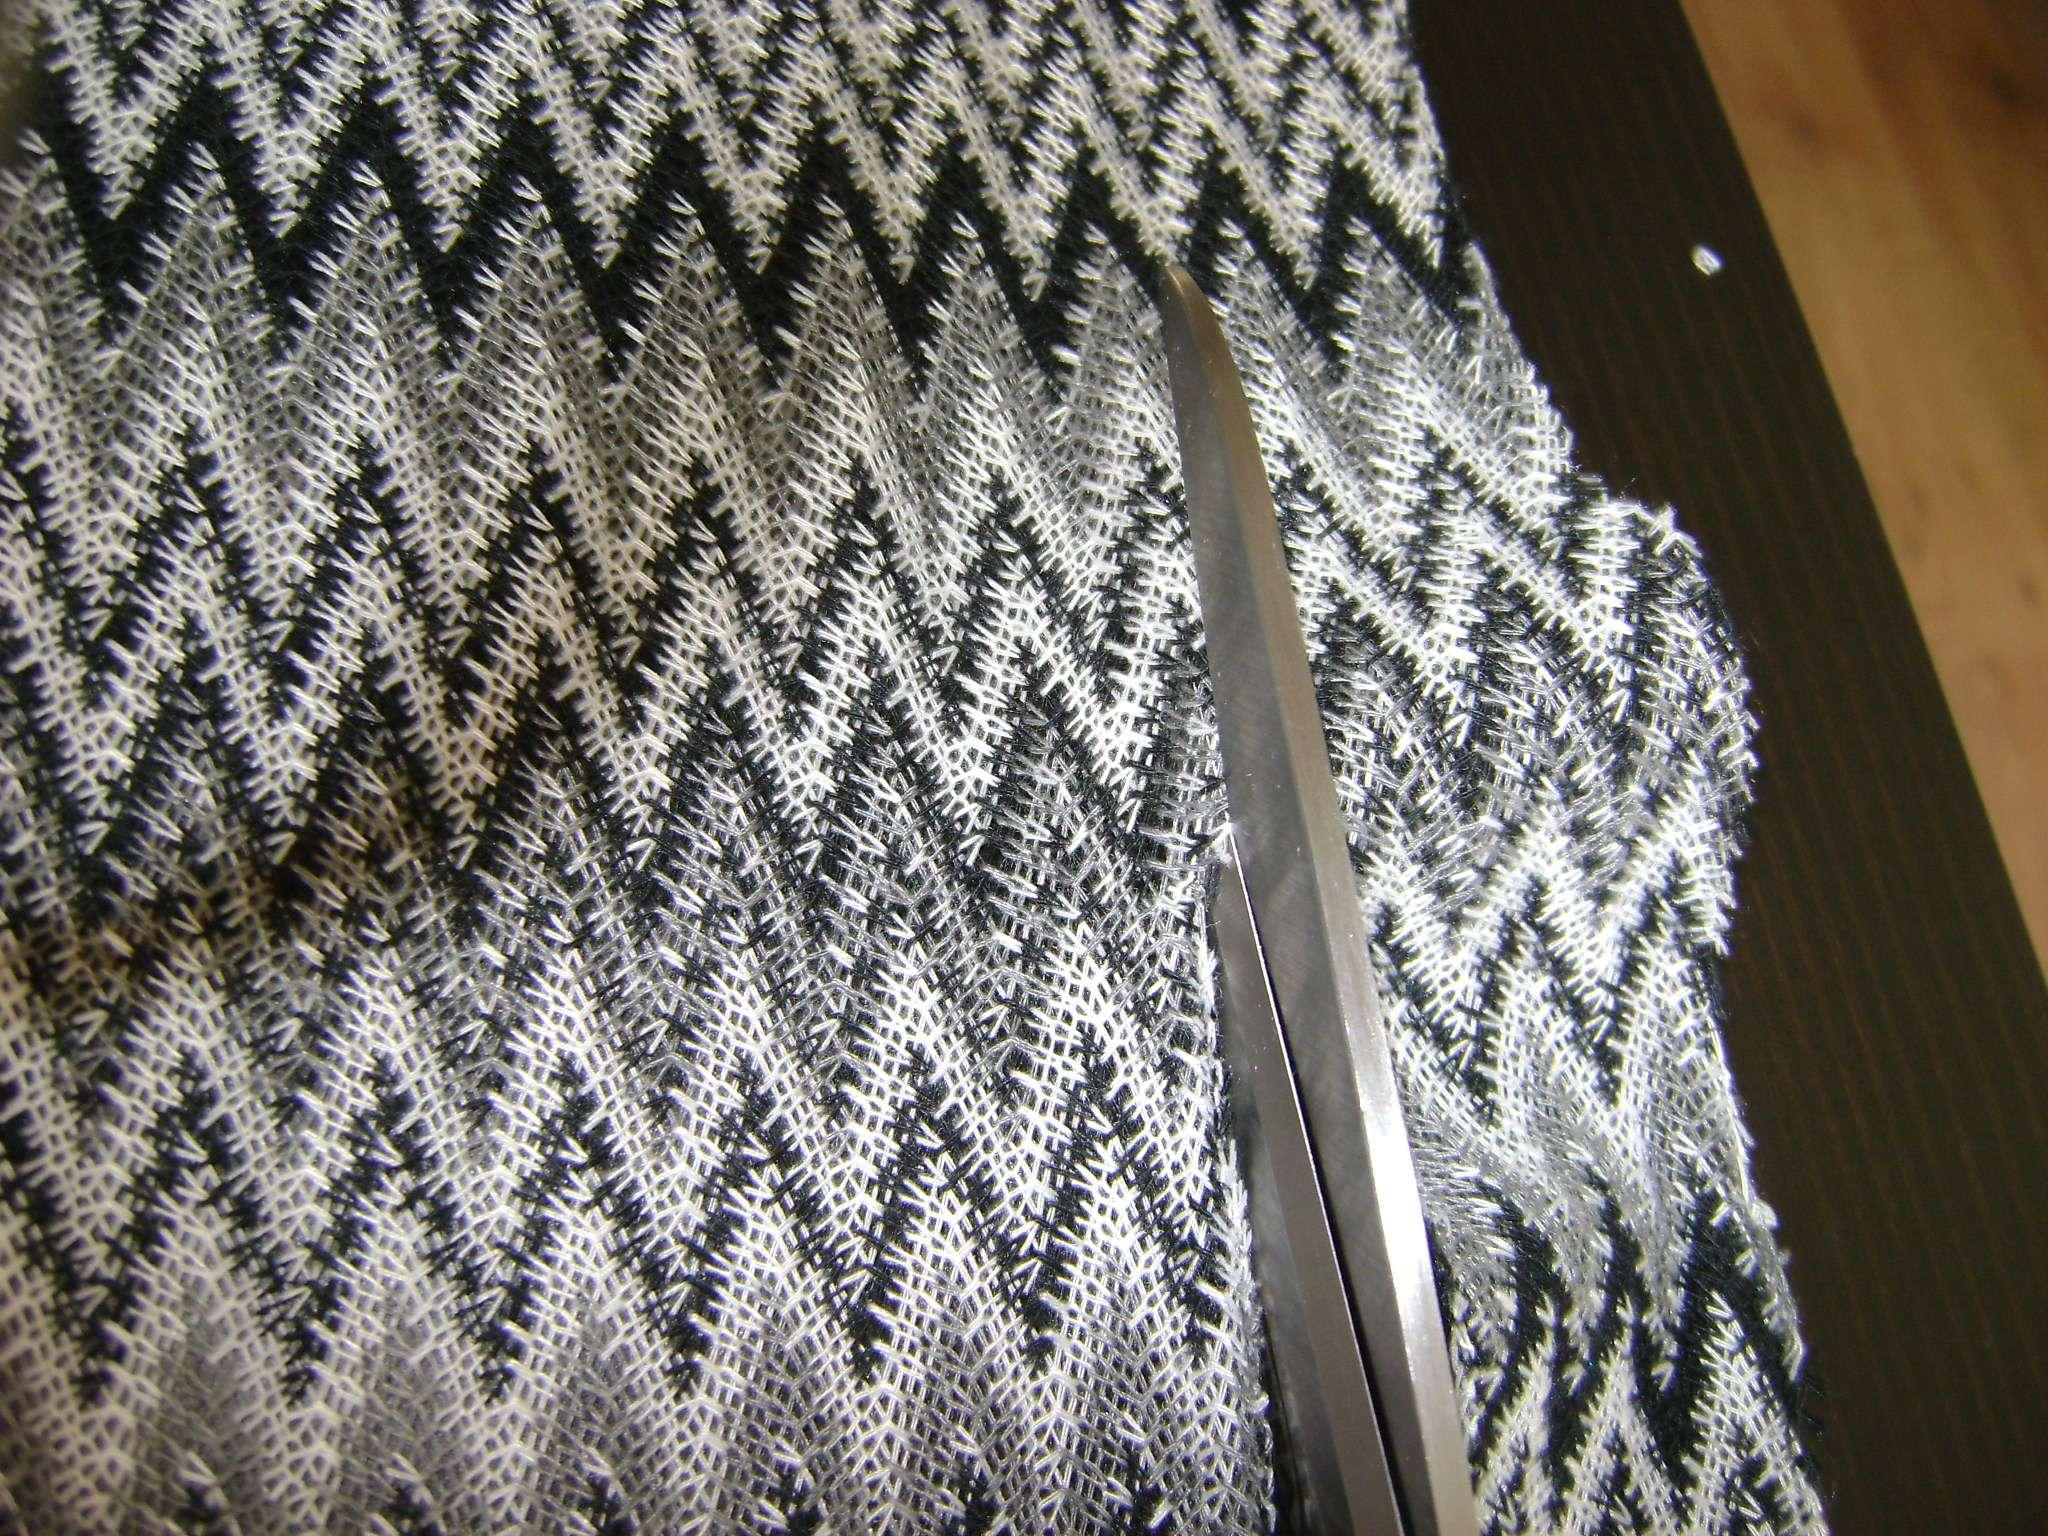 Sewing eenvoudige maxi rok